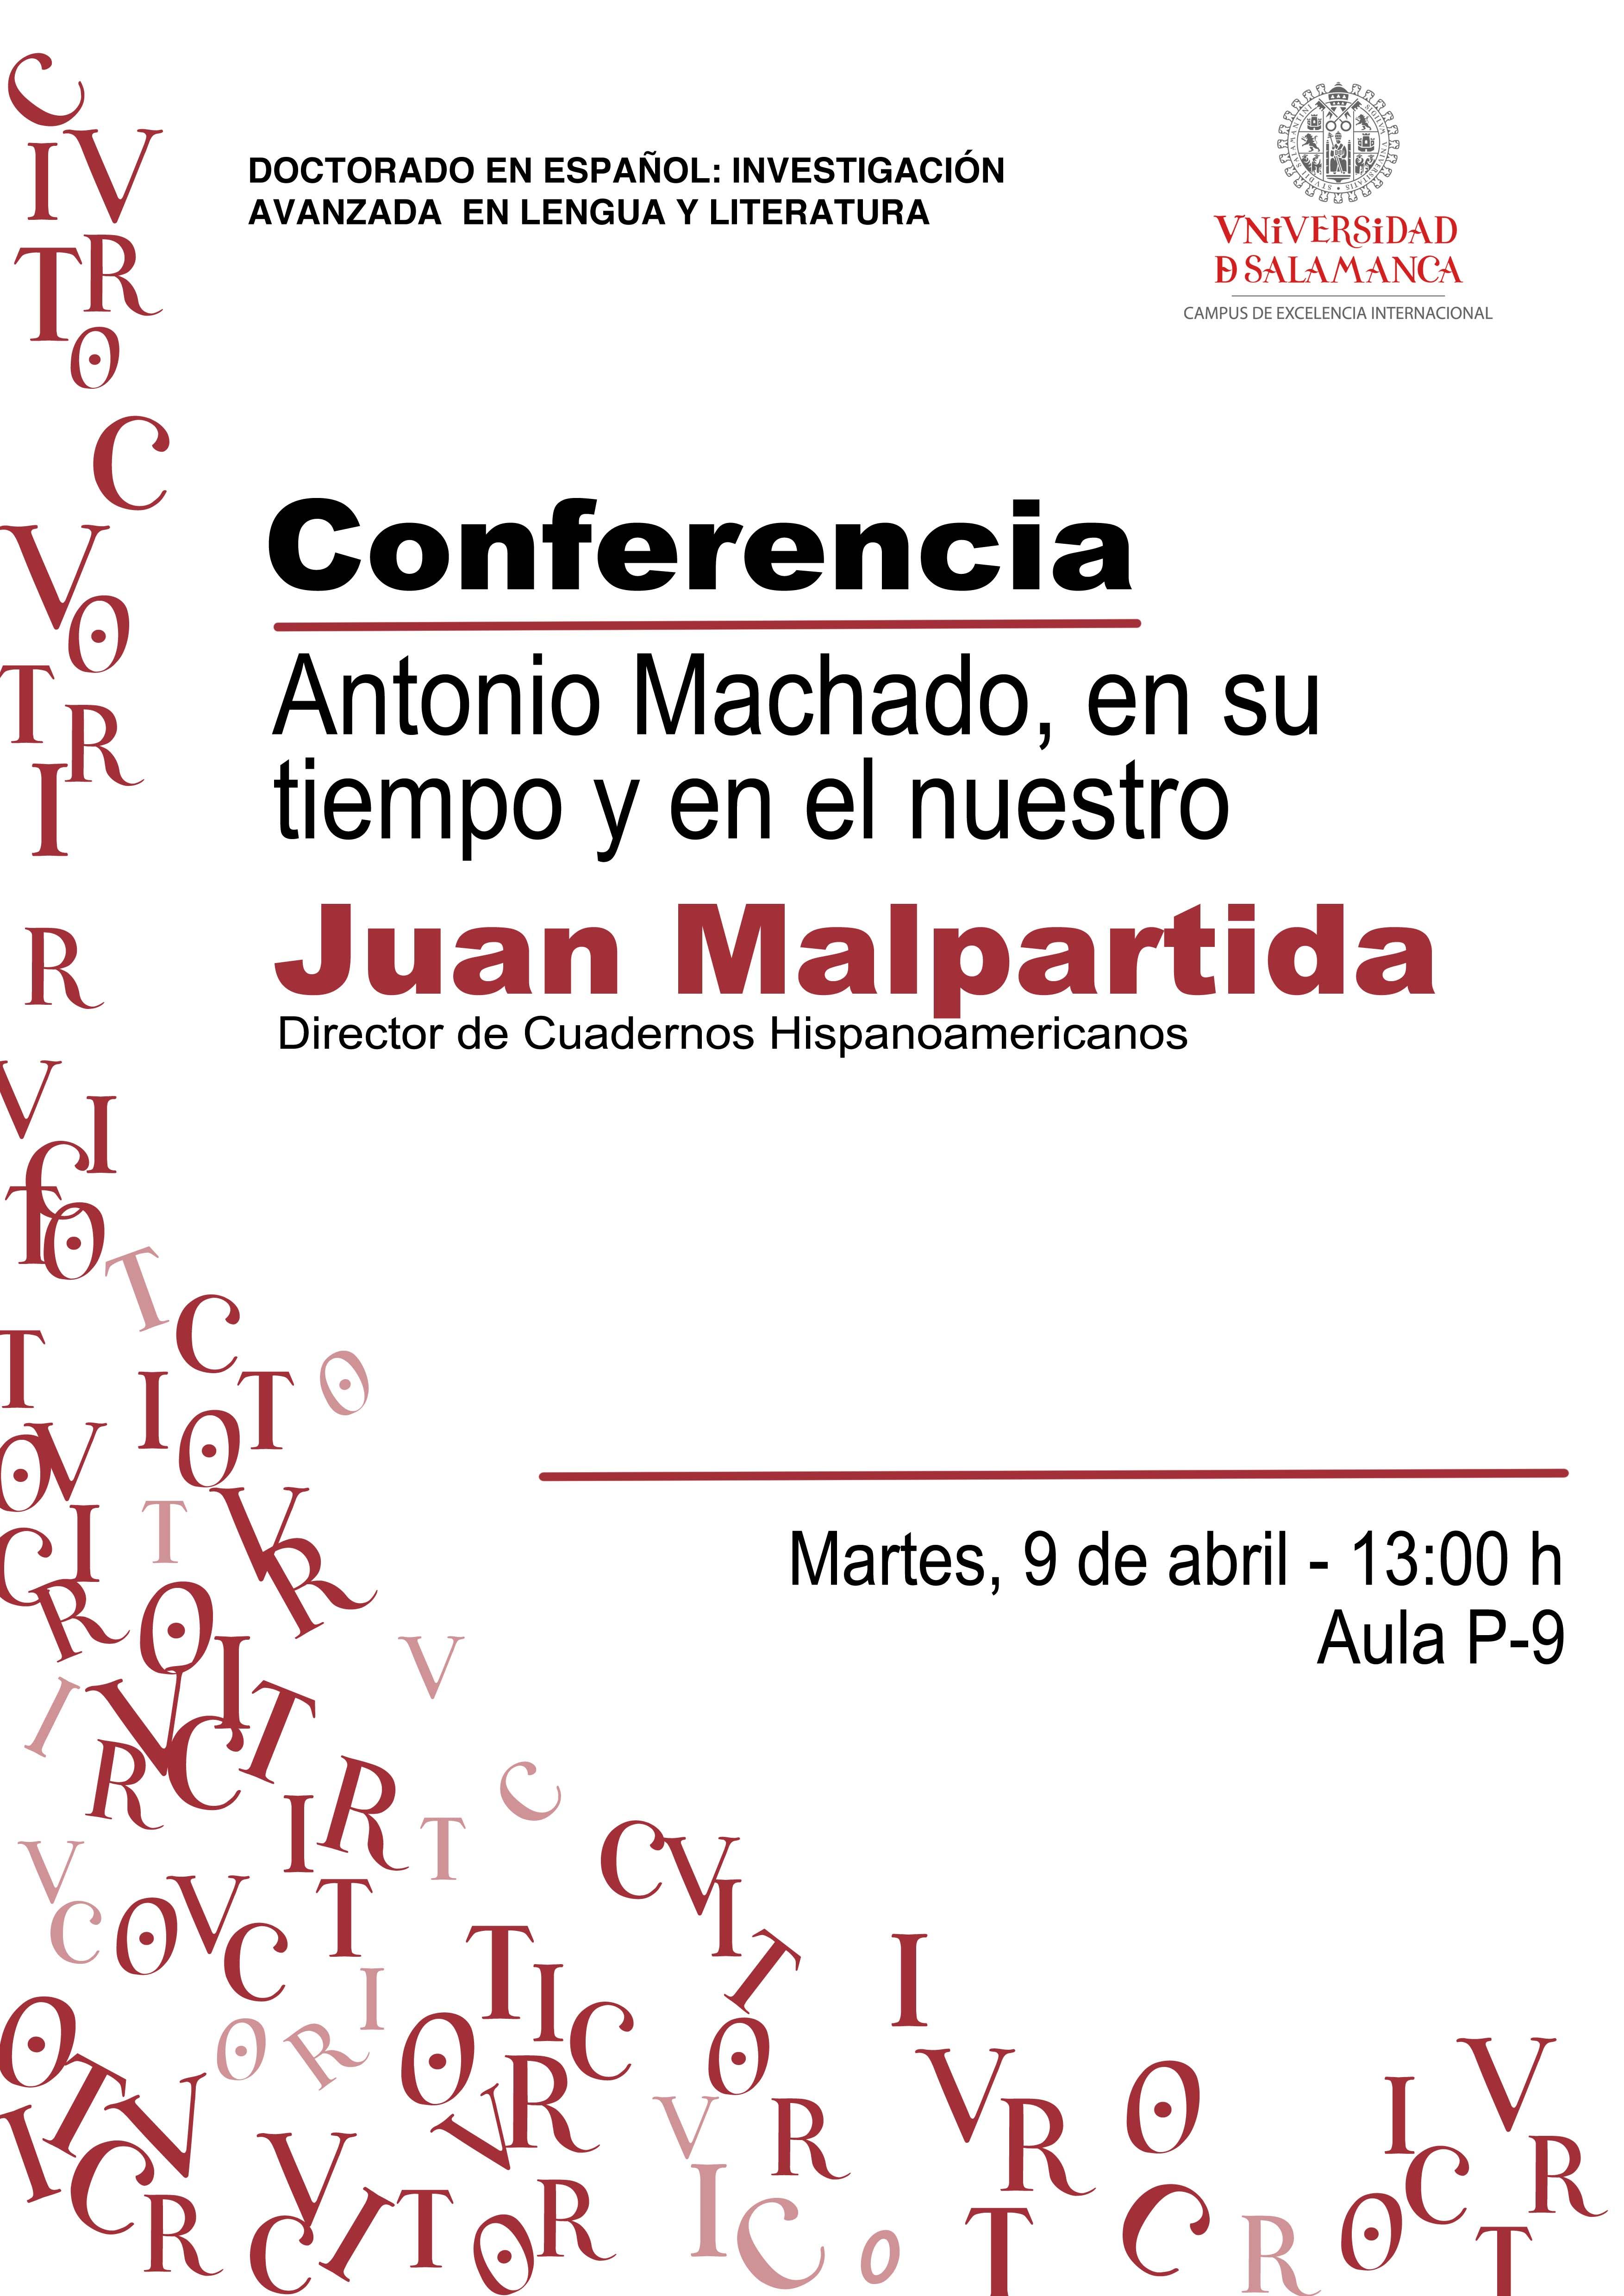 Conferencia de Juan Malpartida